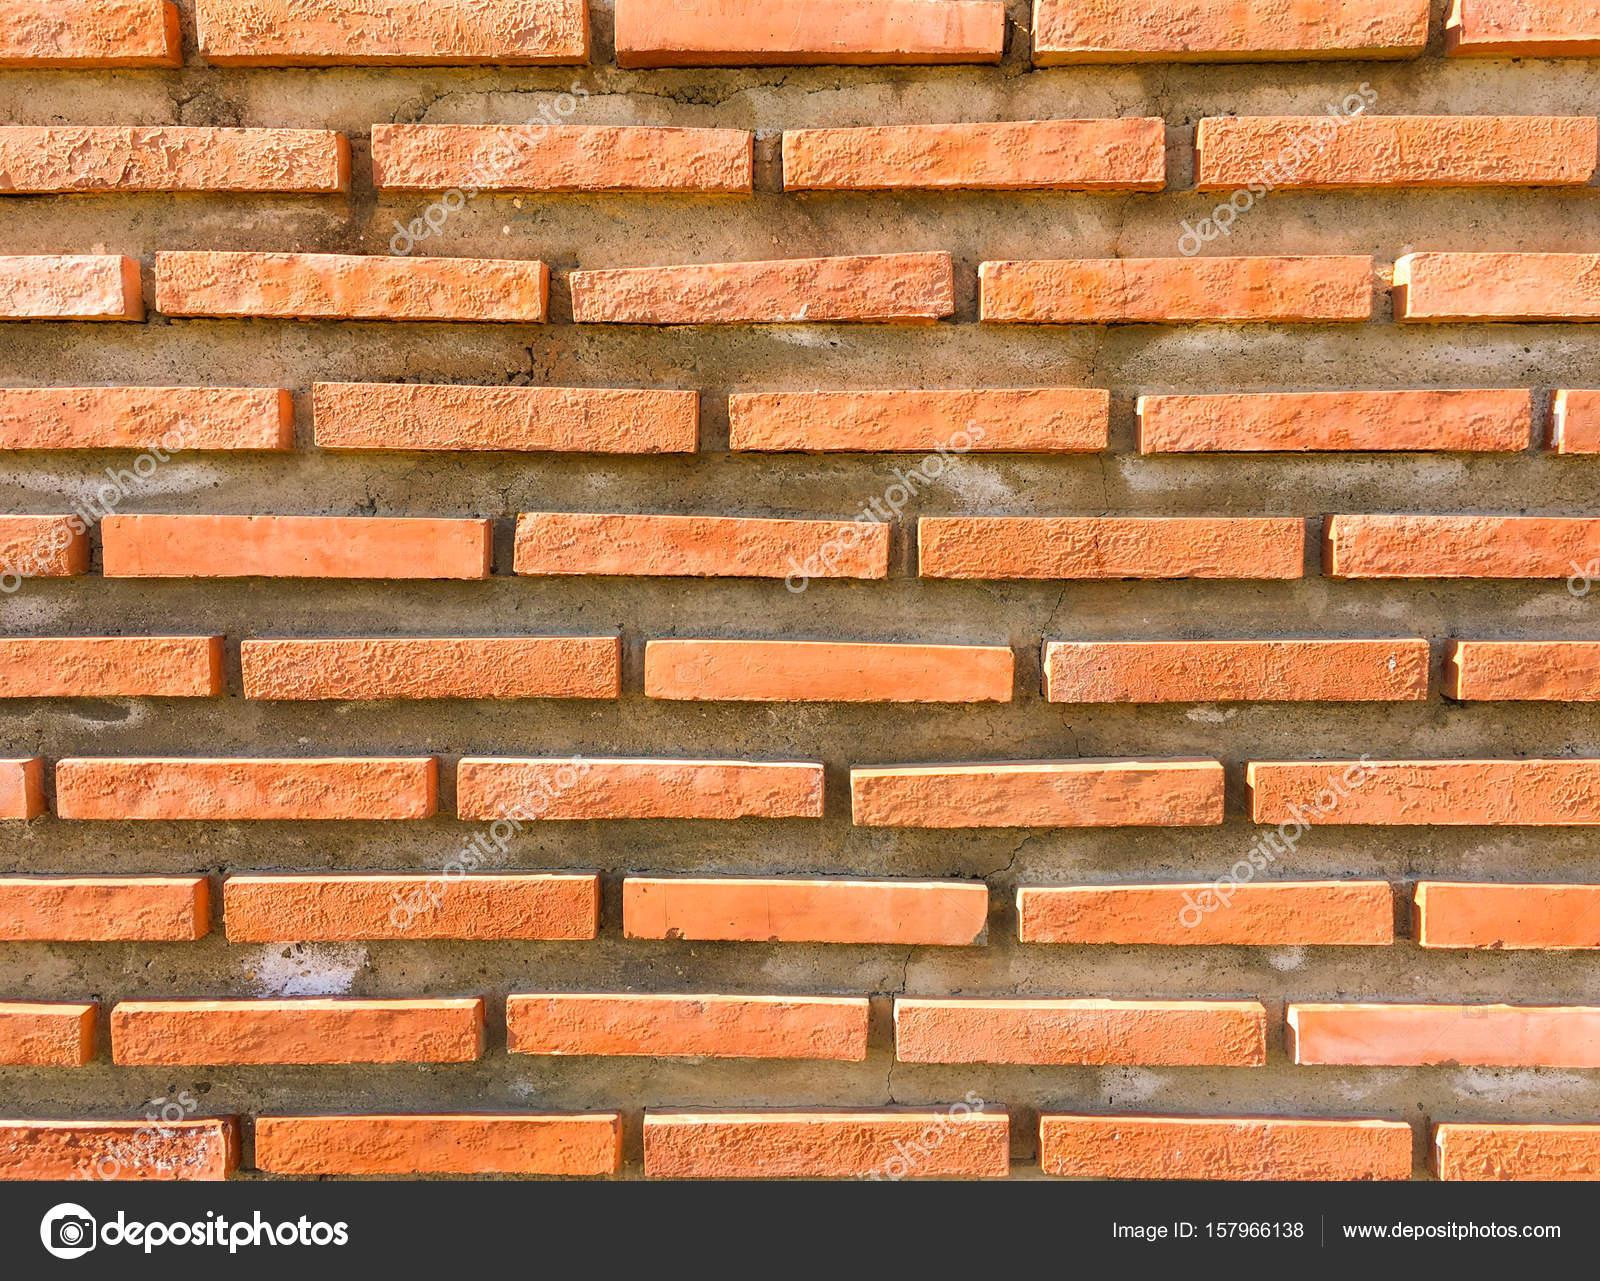 mur de briques texture fond de mur de brique mur de briques pour le design dintrieur ou dextrieur avec espace copie de texte ou une image